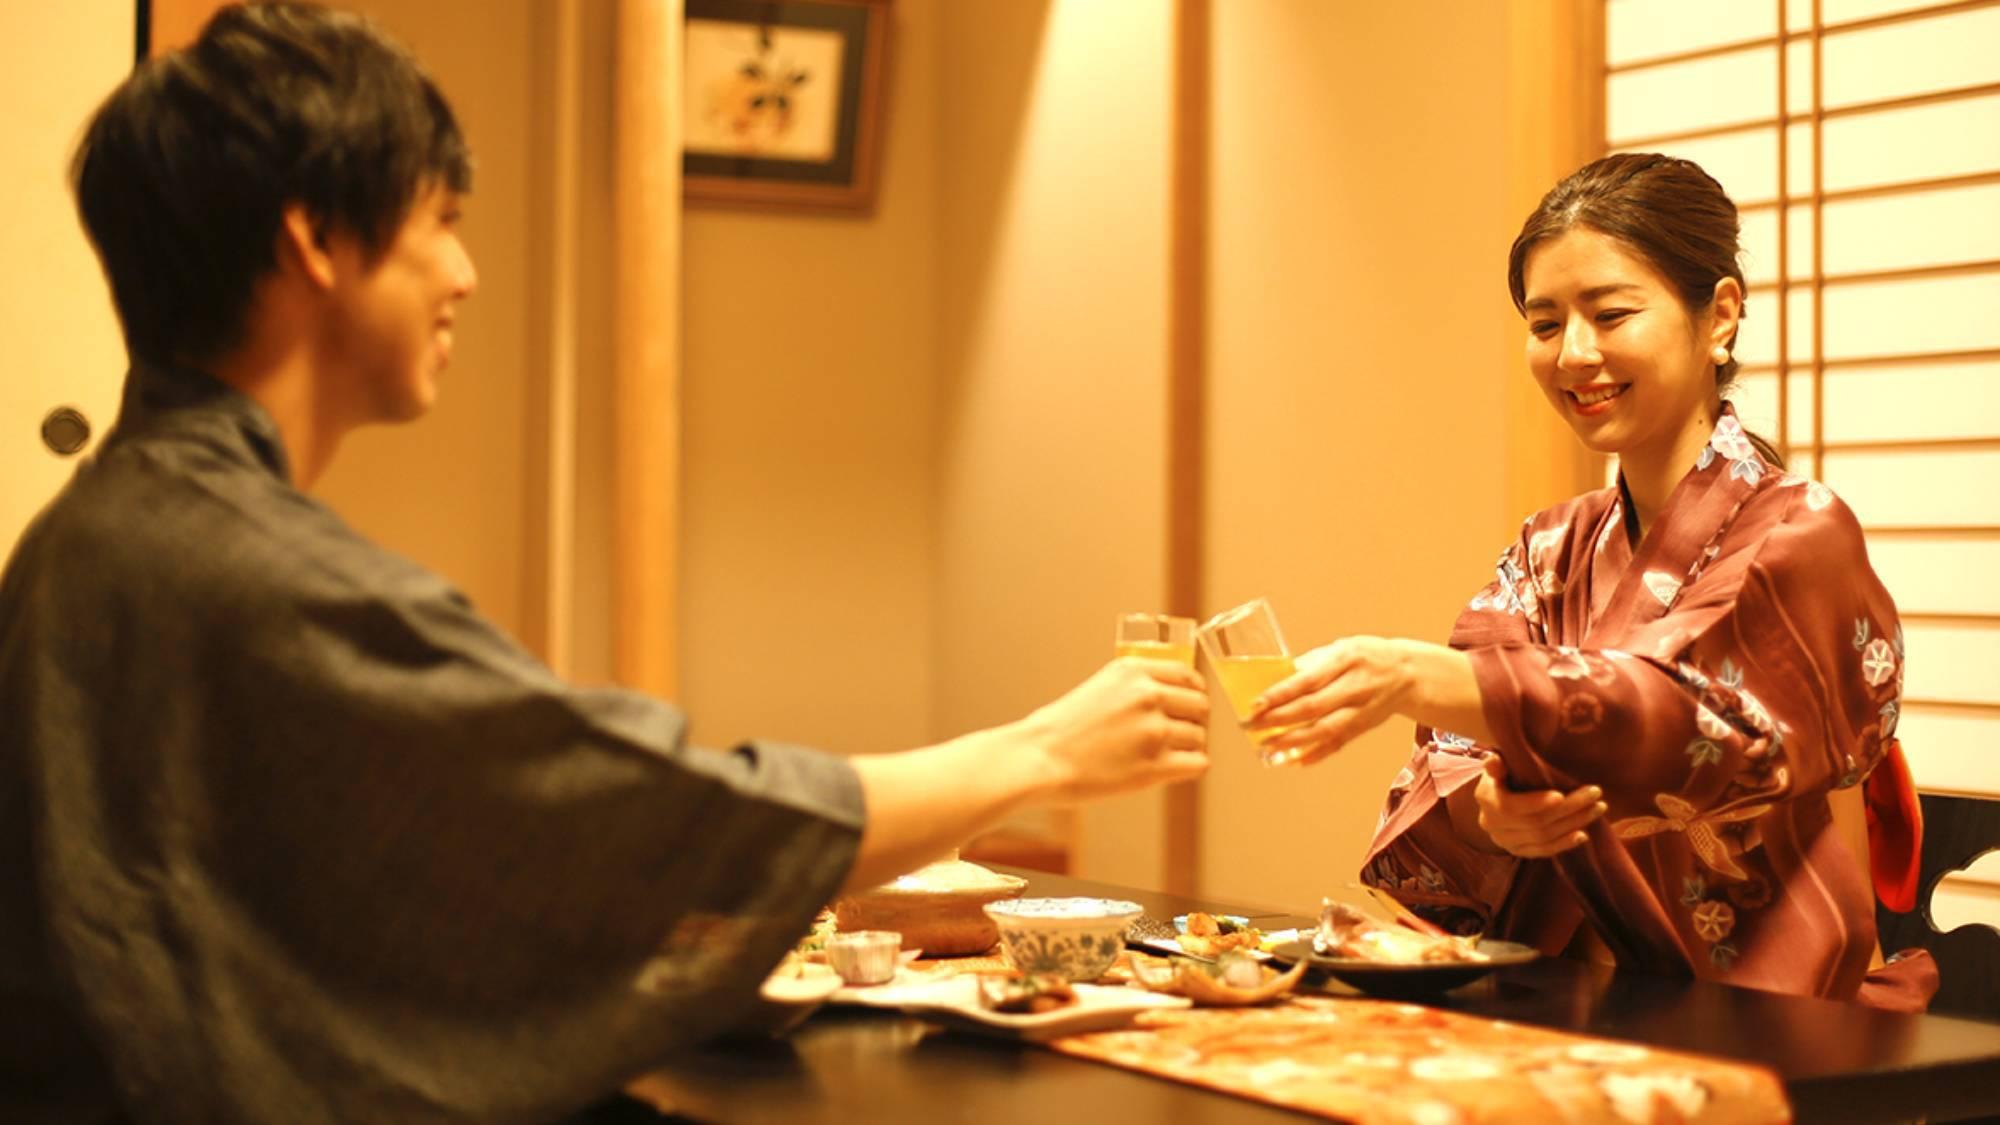 一日の終わりを彩る「お食事の時間」には、ぜひお酒とともに「乾杯」を。